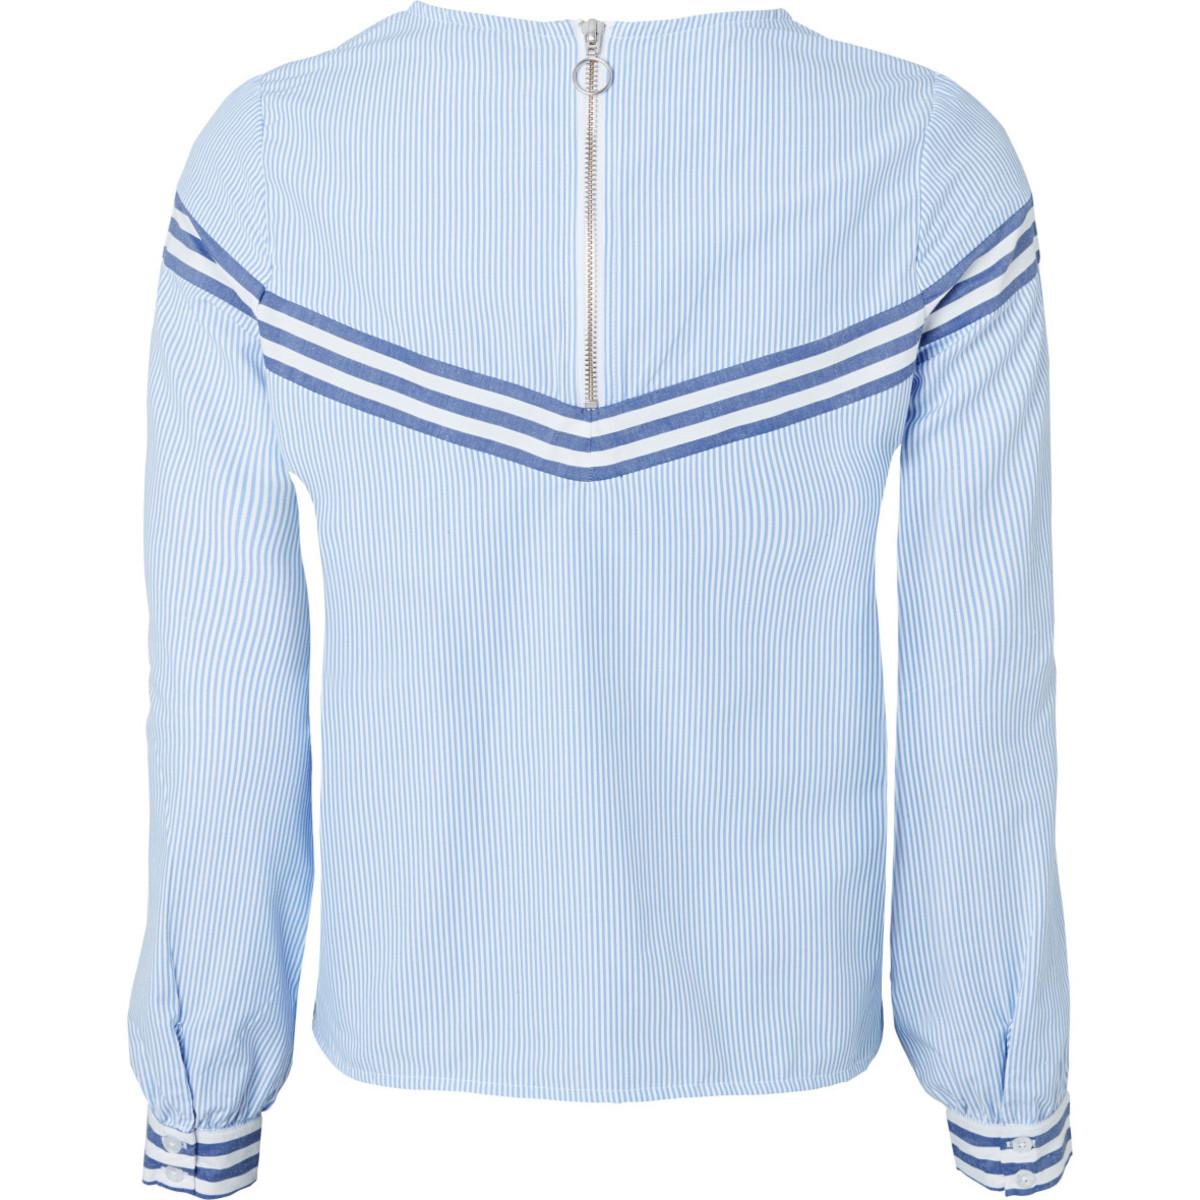 Bild 2 von Damen Bluse mit Streifendesigns